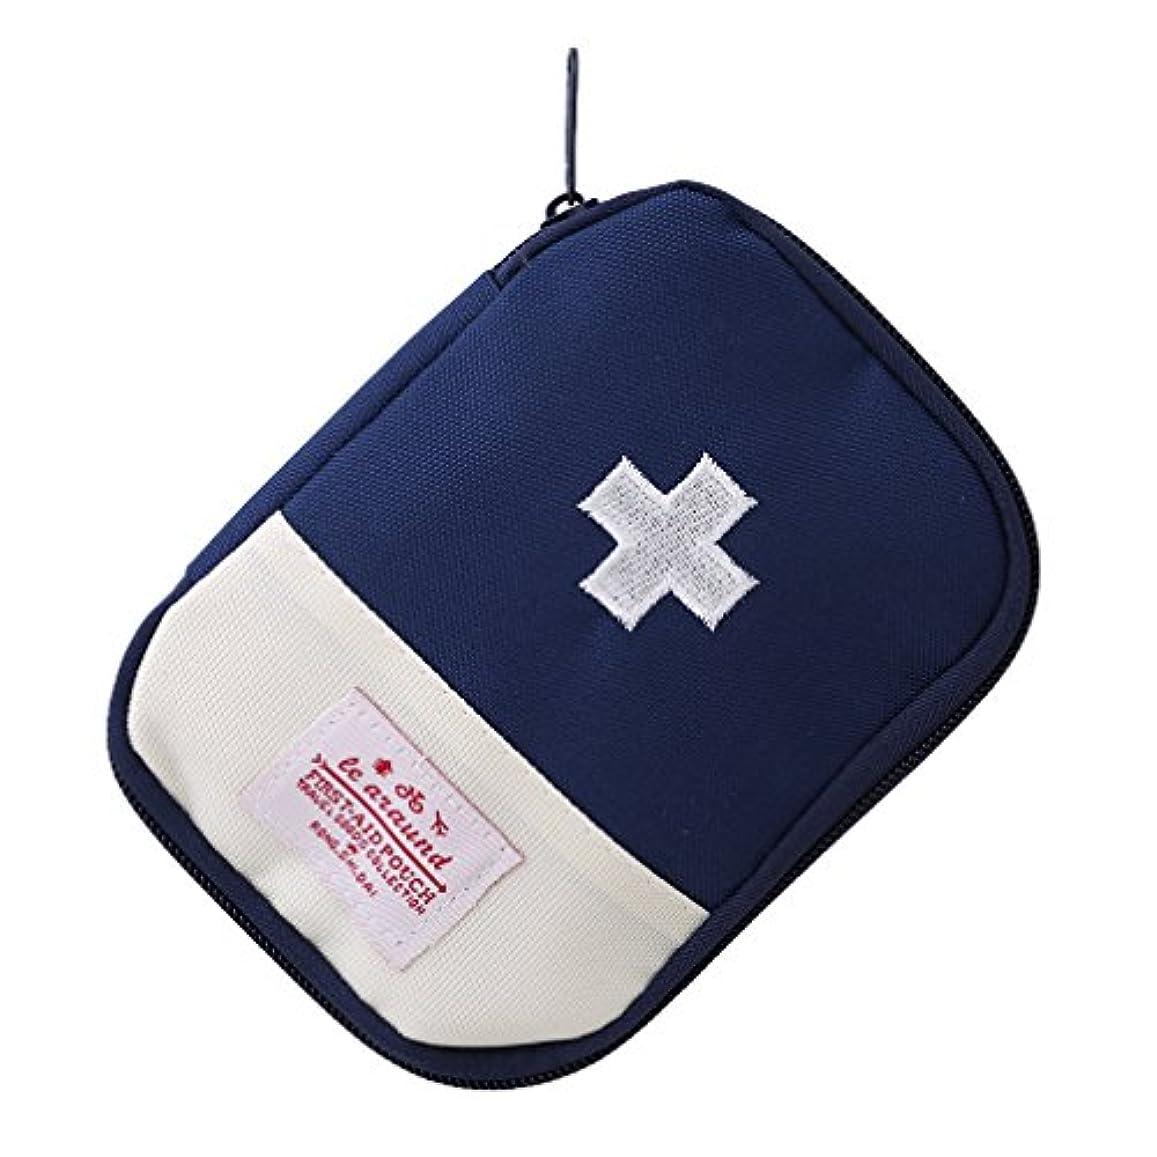 チョップ不調和考古学Yuehao メディカルポーチ ミニ救急箱 応急処置バッグ 携帯用救急箱 常備薬収納 コンパクト 軽量家庭学校旅行